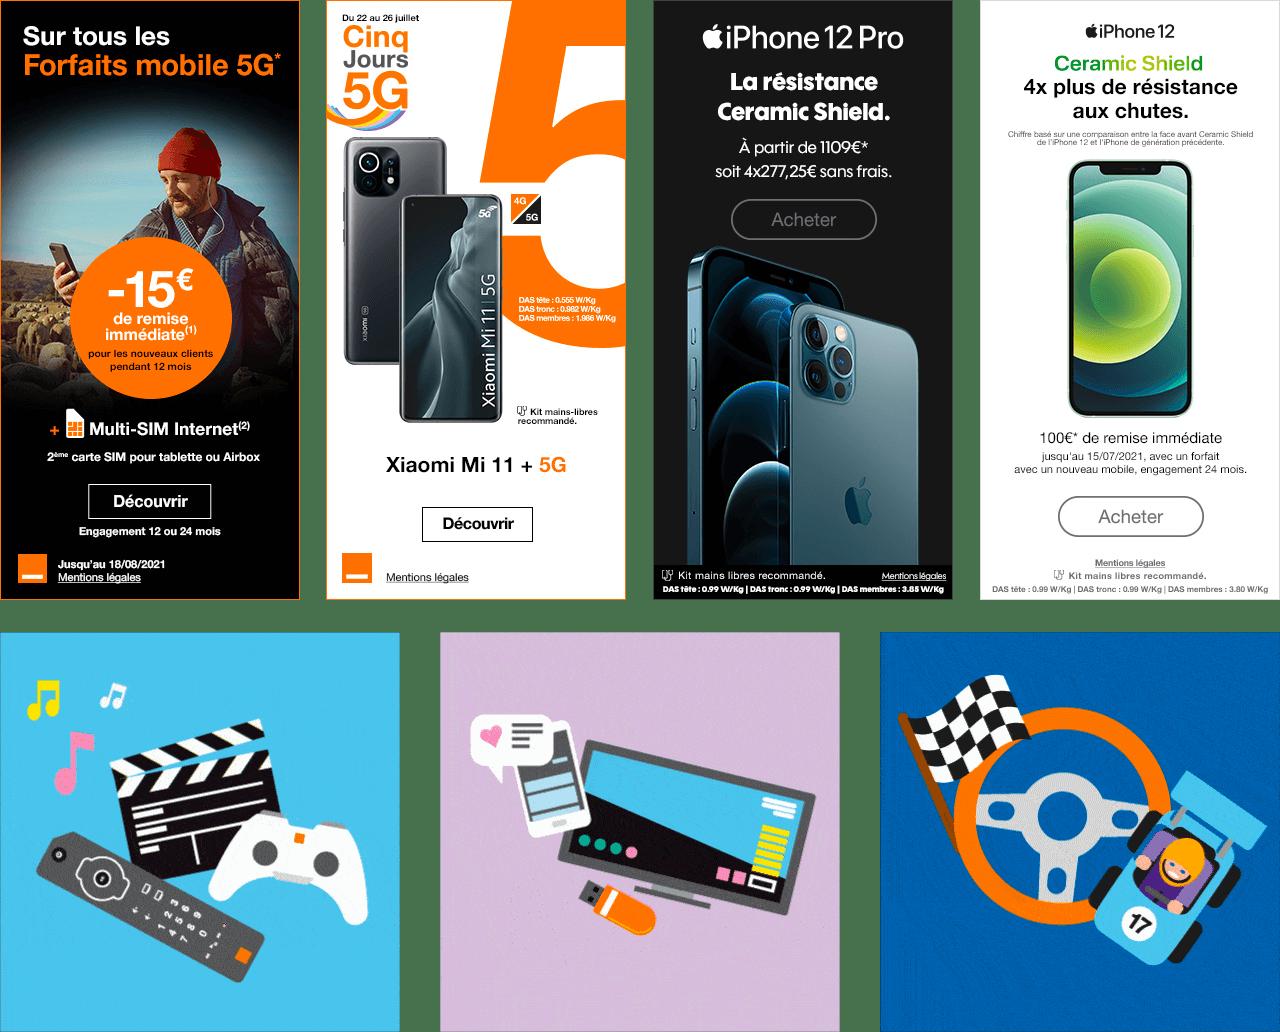 4 bannières publicitaire mettant en avant les offres de l'opérateur Orange En dessous : 3 images représentant des télécommandes, des manettes de jeux vidéos, des smartphones et une voiture de sport